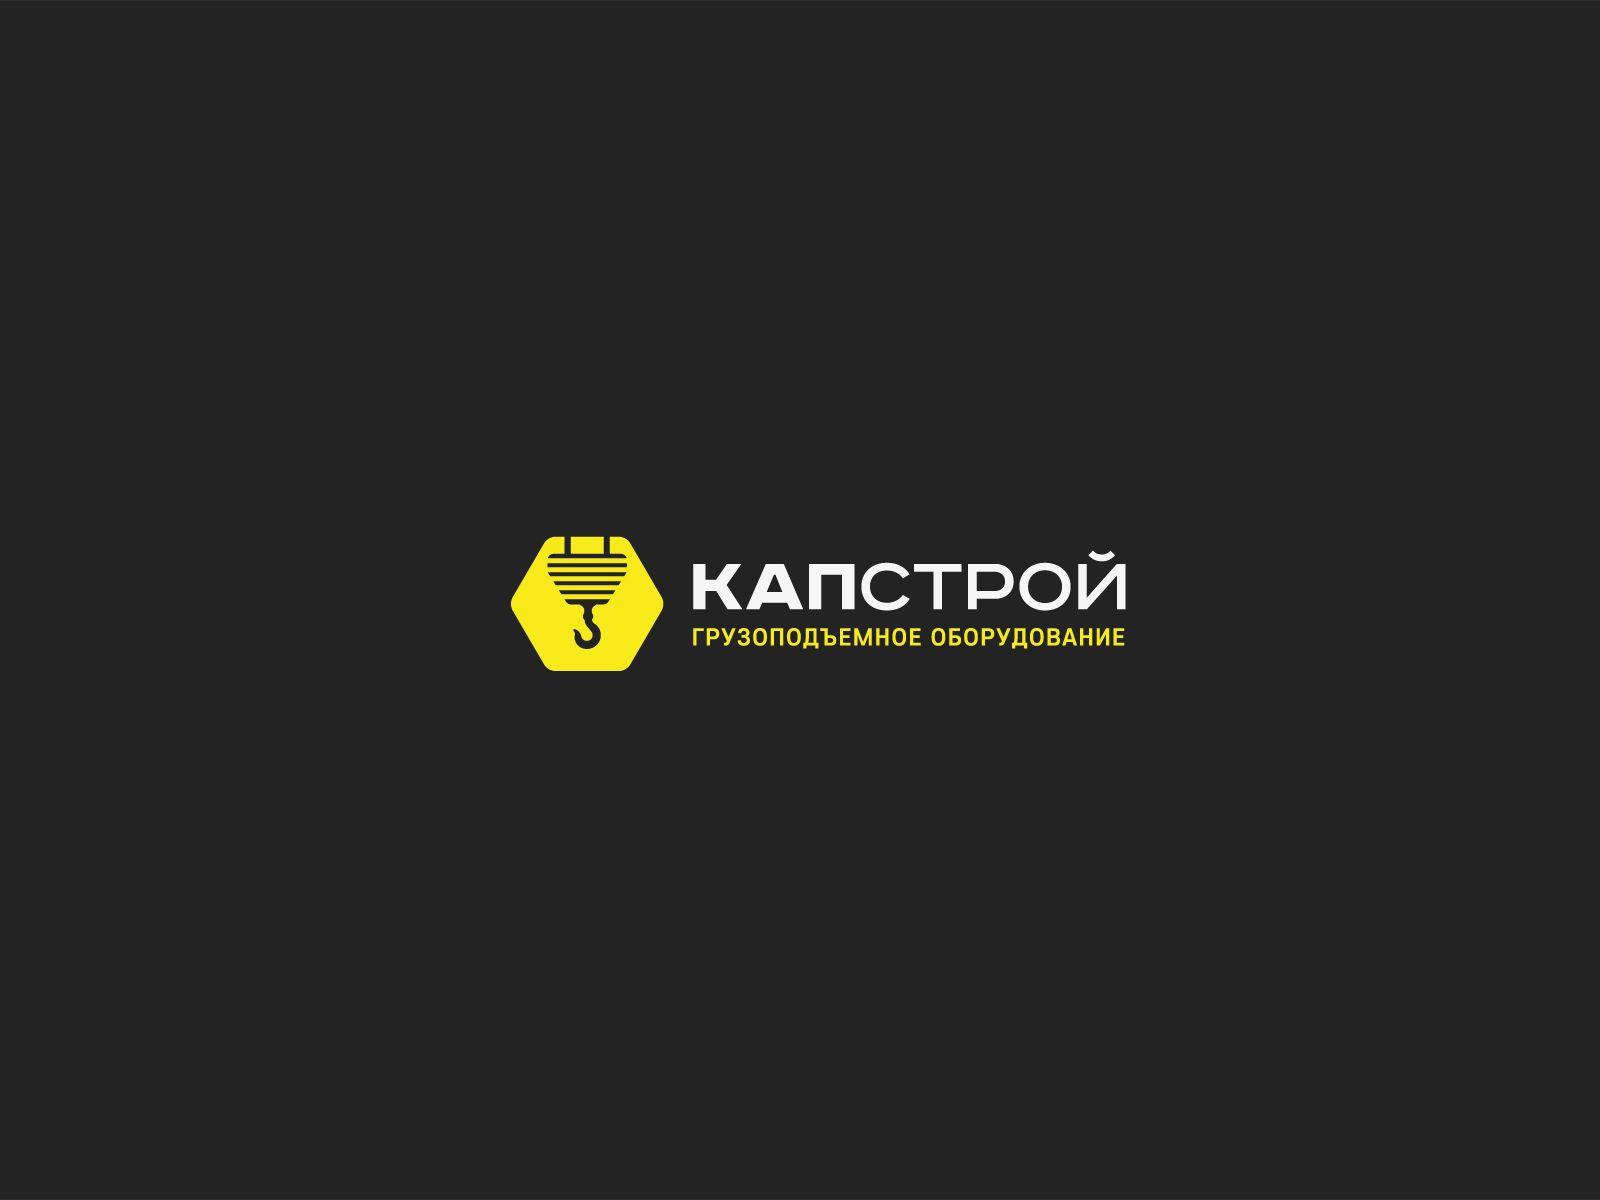 Лого и фирменный стиль для Капстрой  - дизайнер U4po4mak